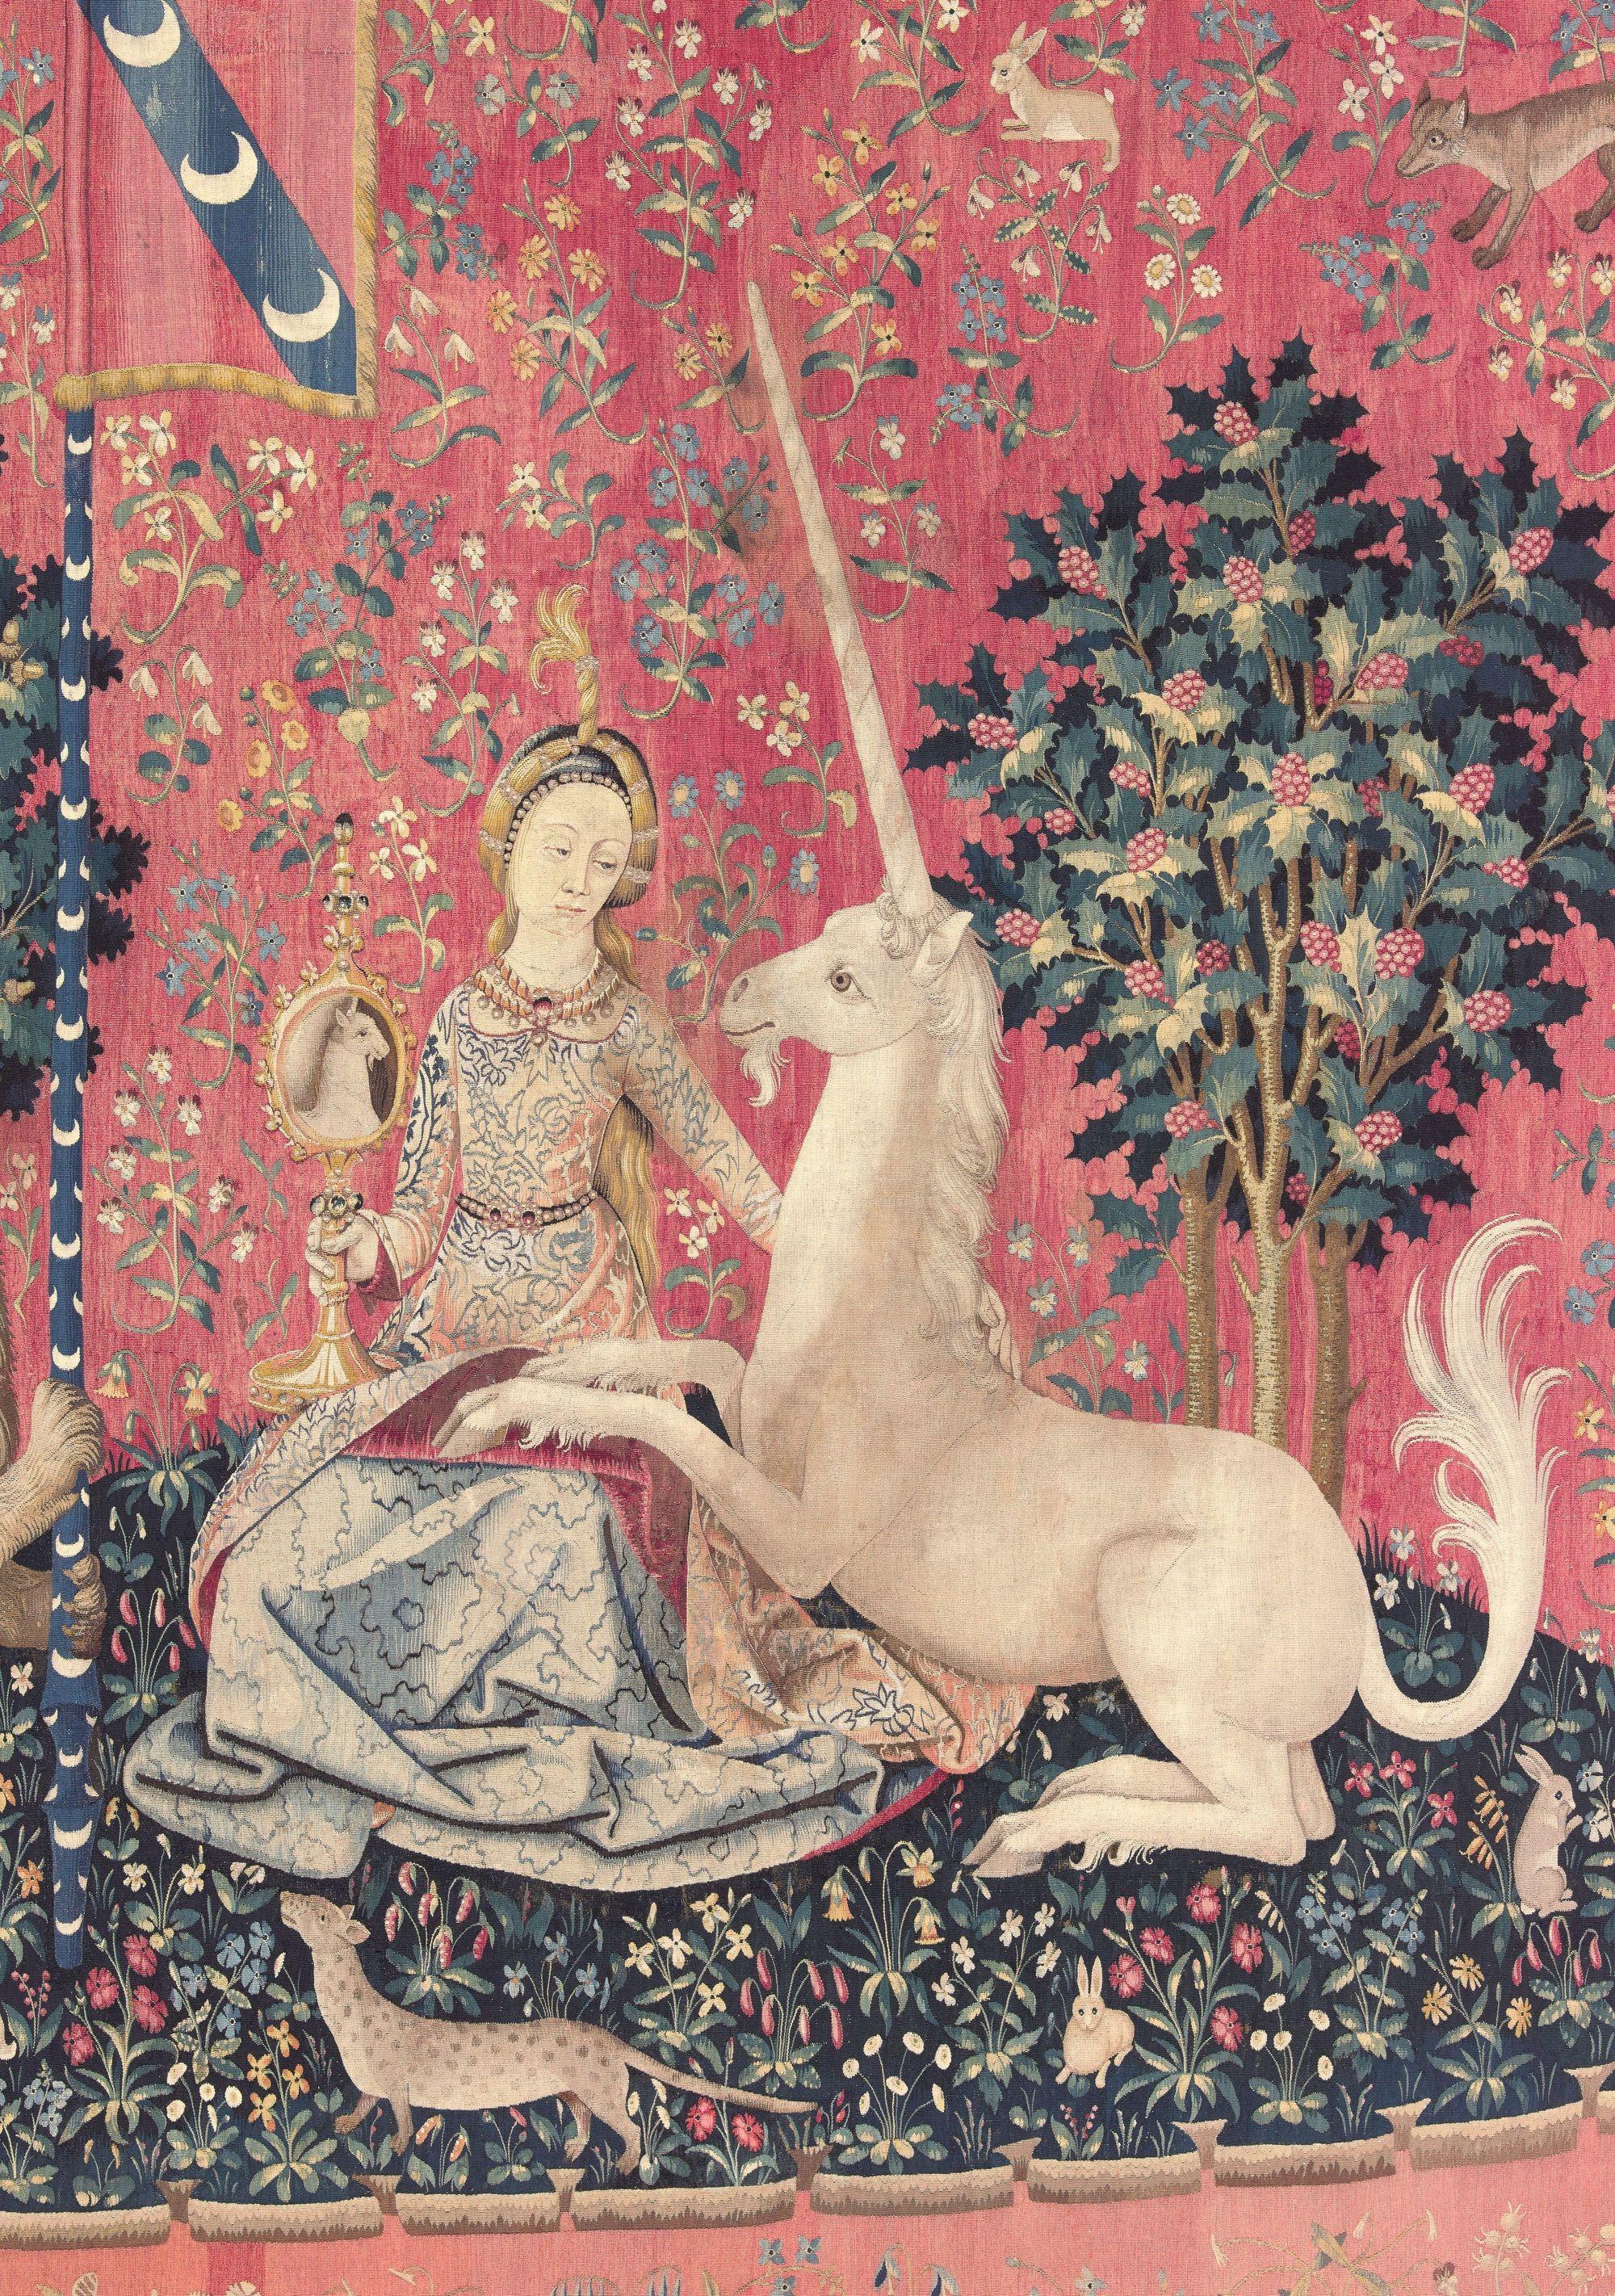 Teinture de la Dame à la licorne : la Vue, vers 1500, tapisserie